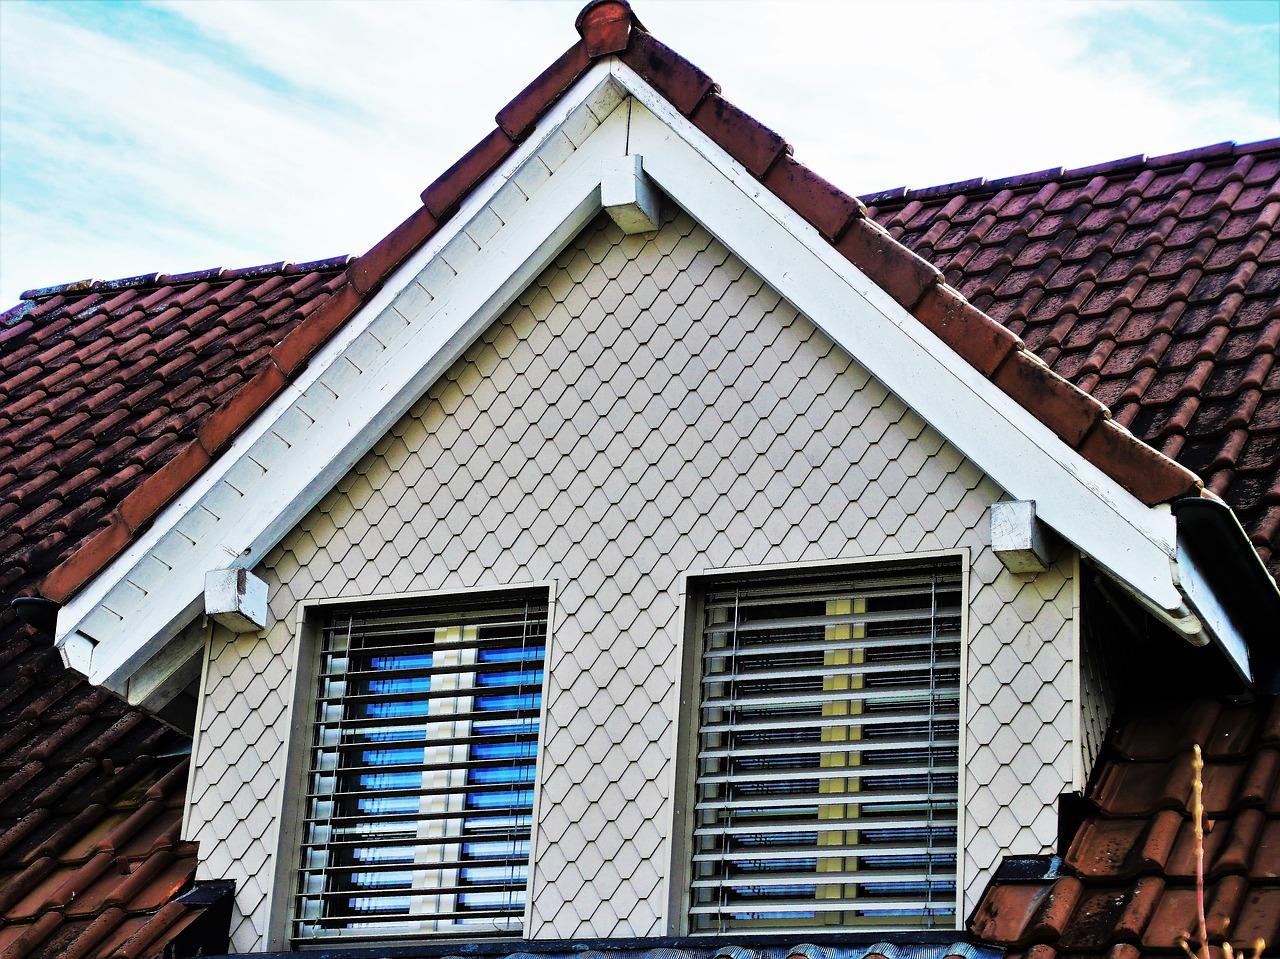 Ristrutturare Un Tetto Quanto Costa quanto costa l'installazione di finestre per tetti